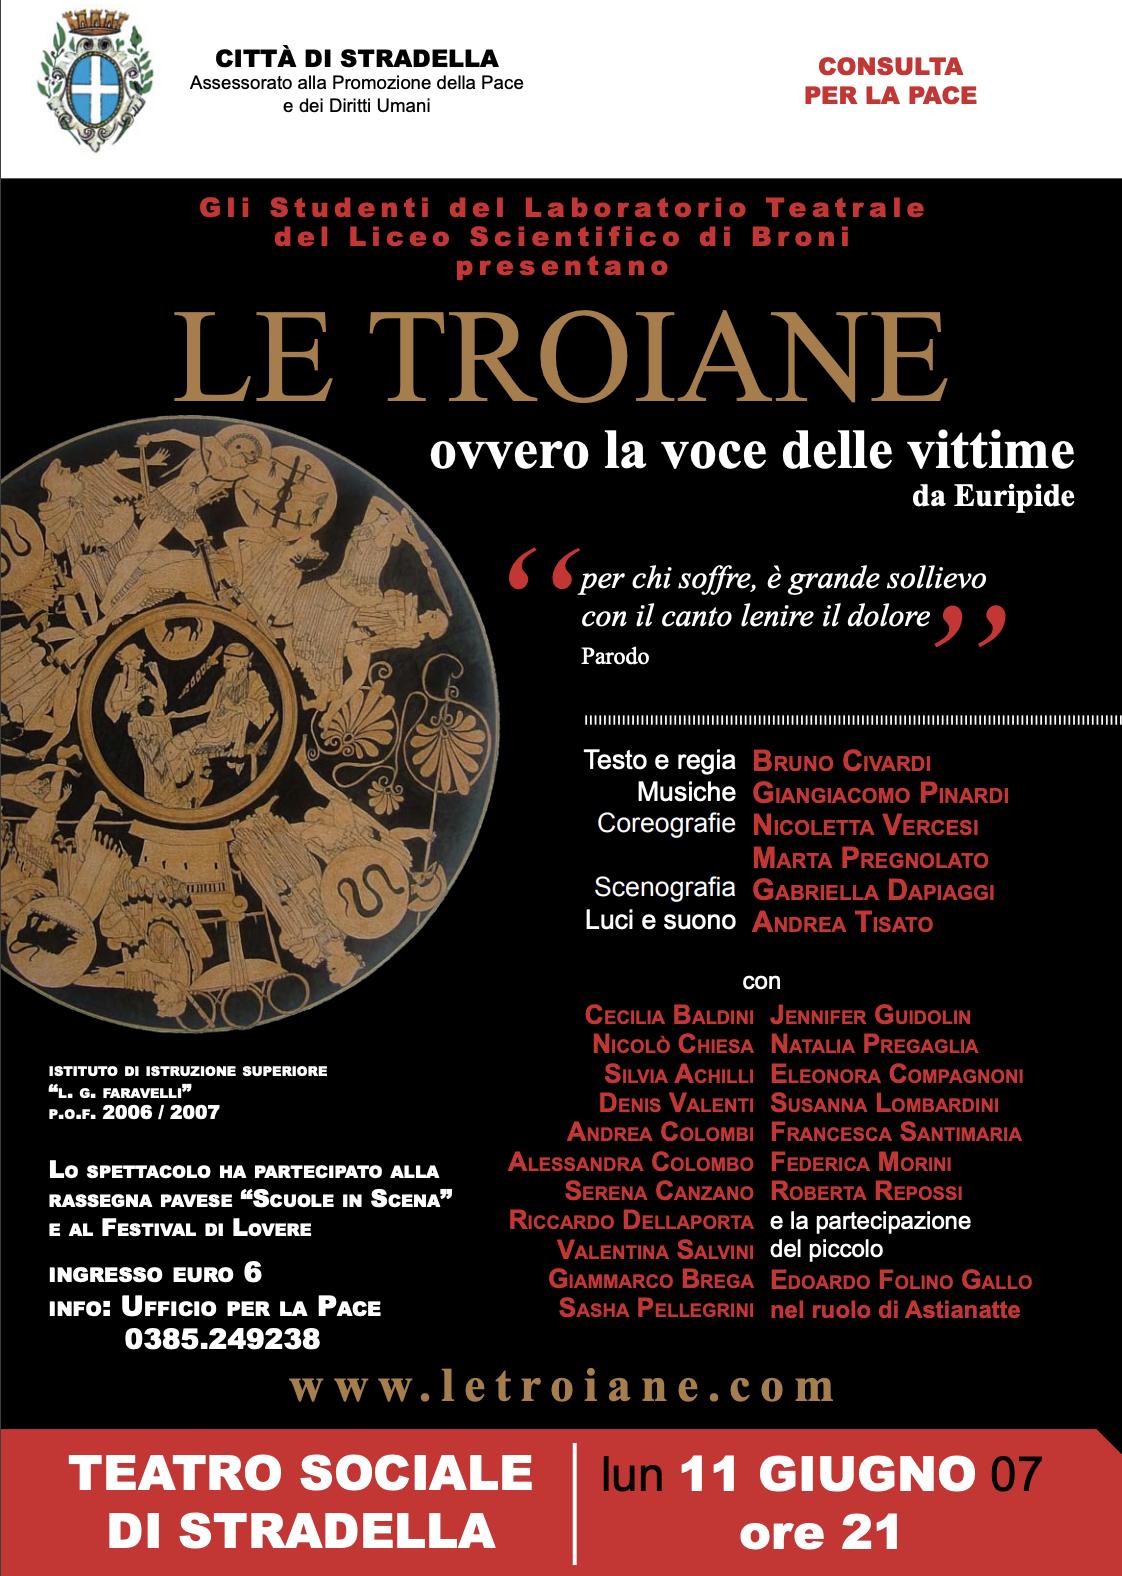 Le Troiane, ovvero la voce delle Vittime. Dramma satiresco liberamente ispirato ad Euripide